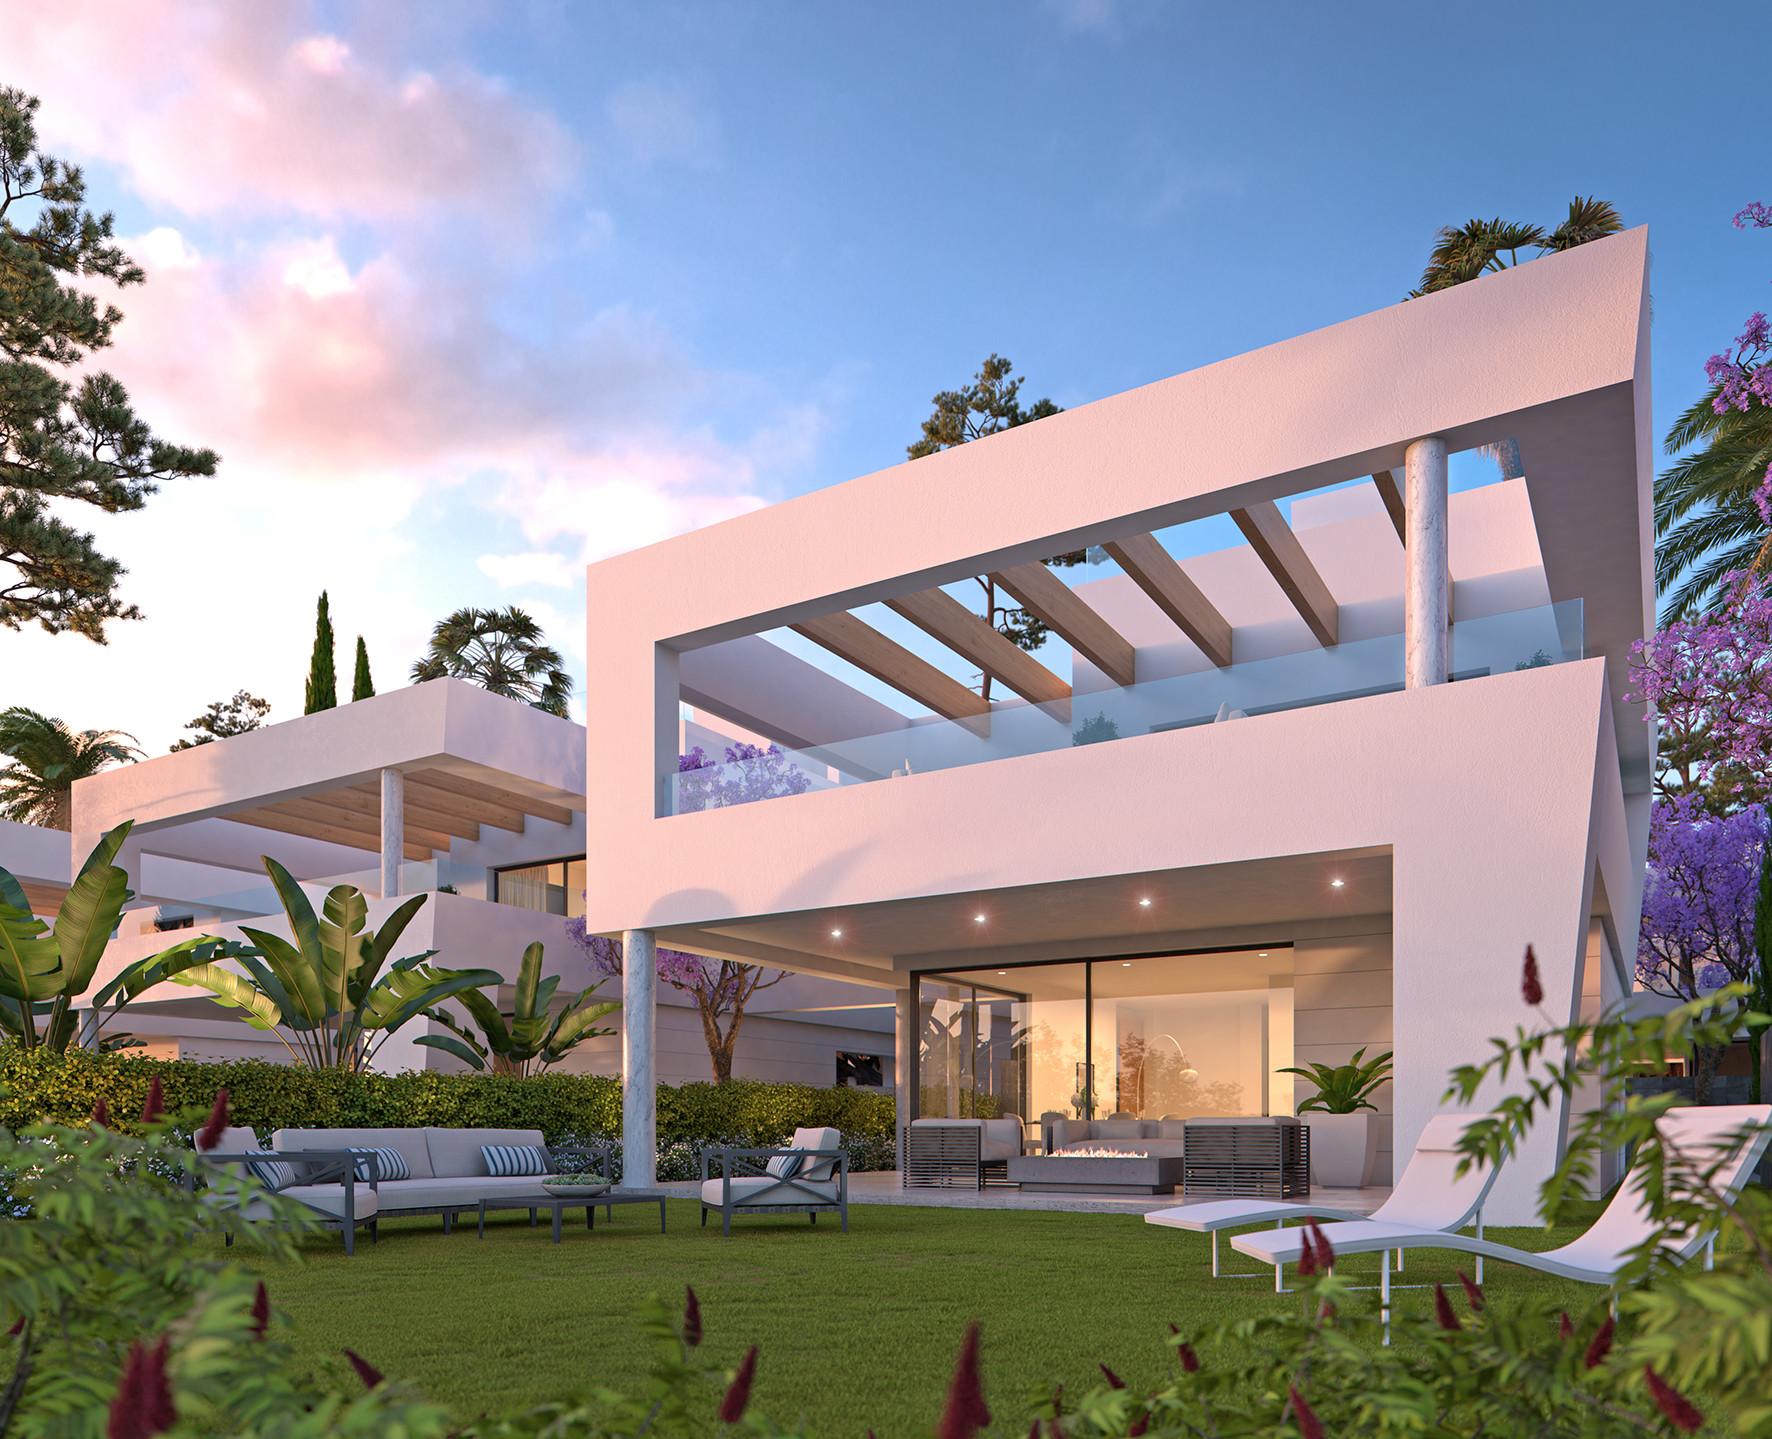 ARFV1854 - Moderne fertige Neubau Villen zu verkaufen in San Pedro de Alcantara bei Marbella